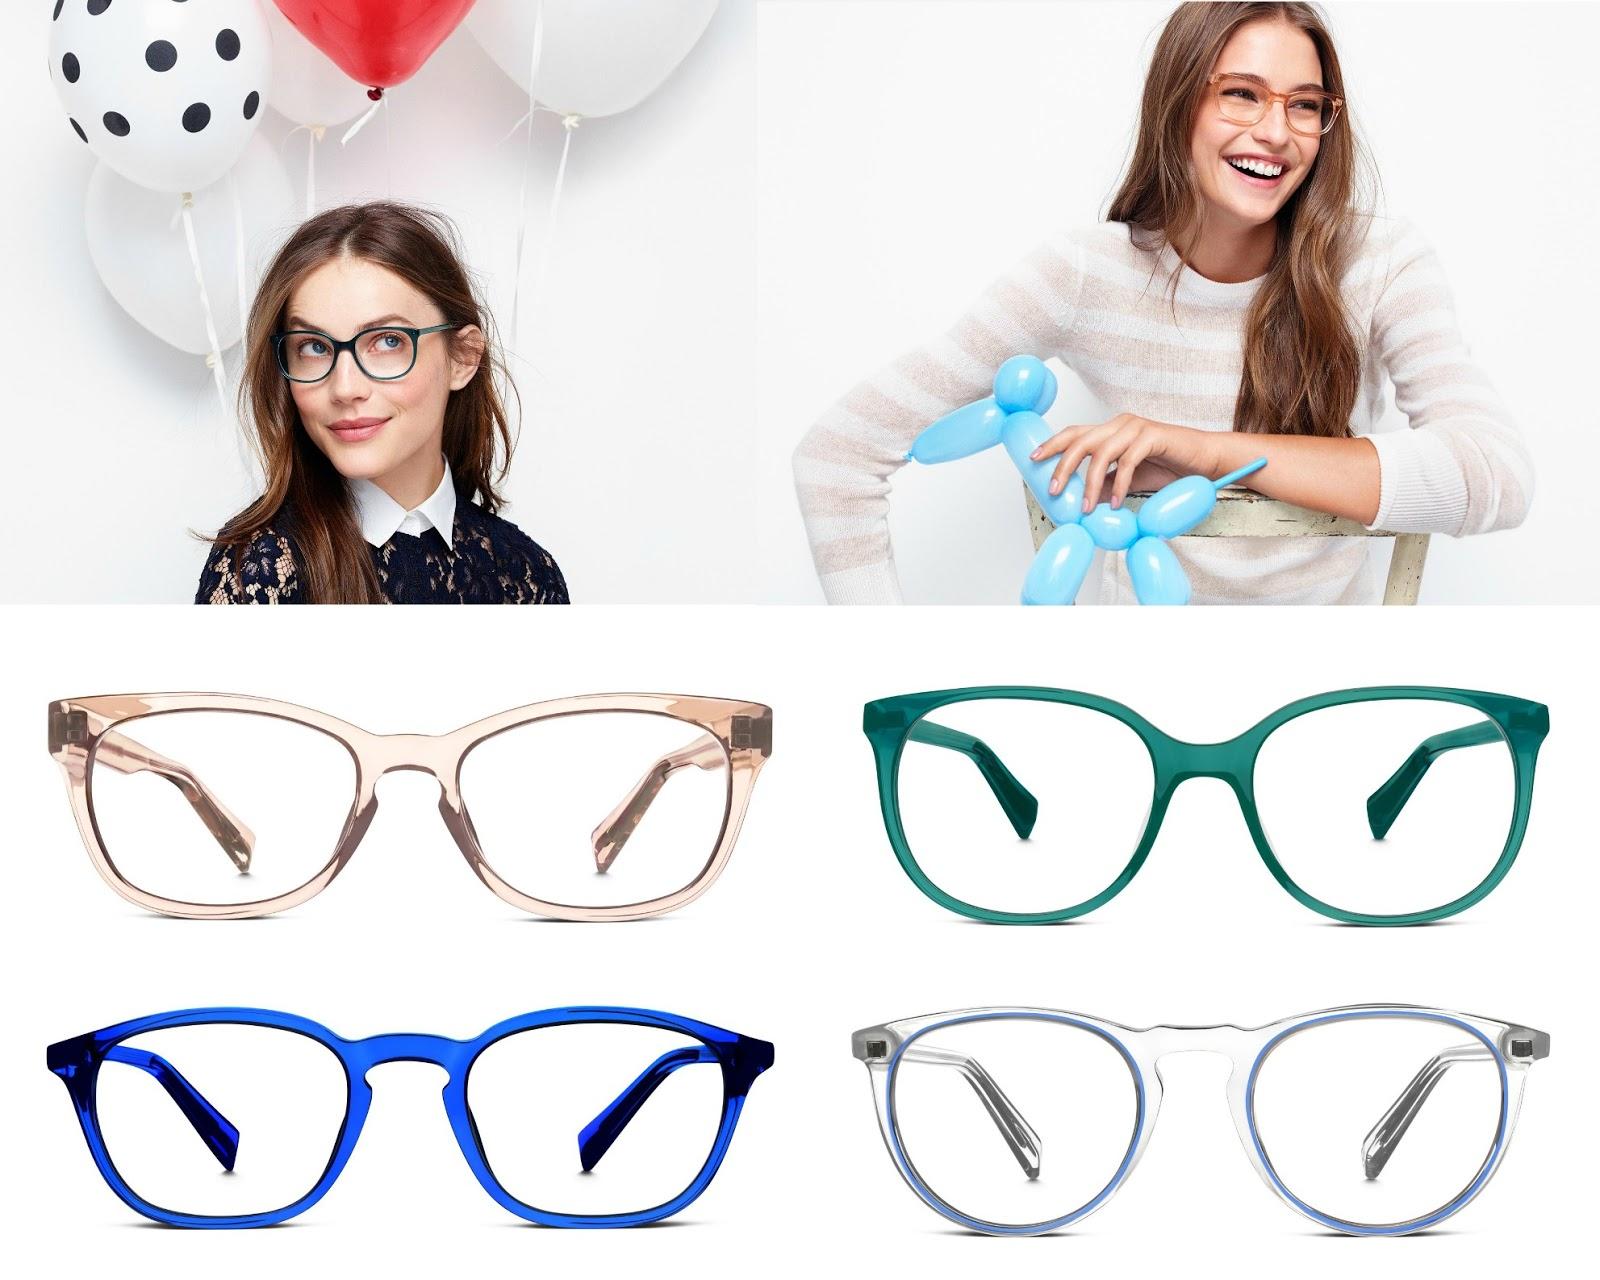 SS16 Warby Parker Eyewear